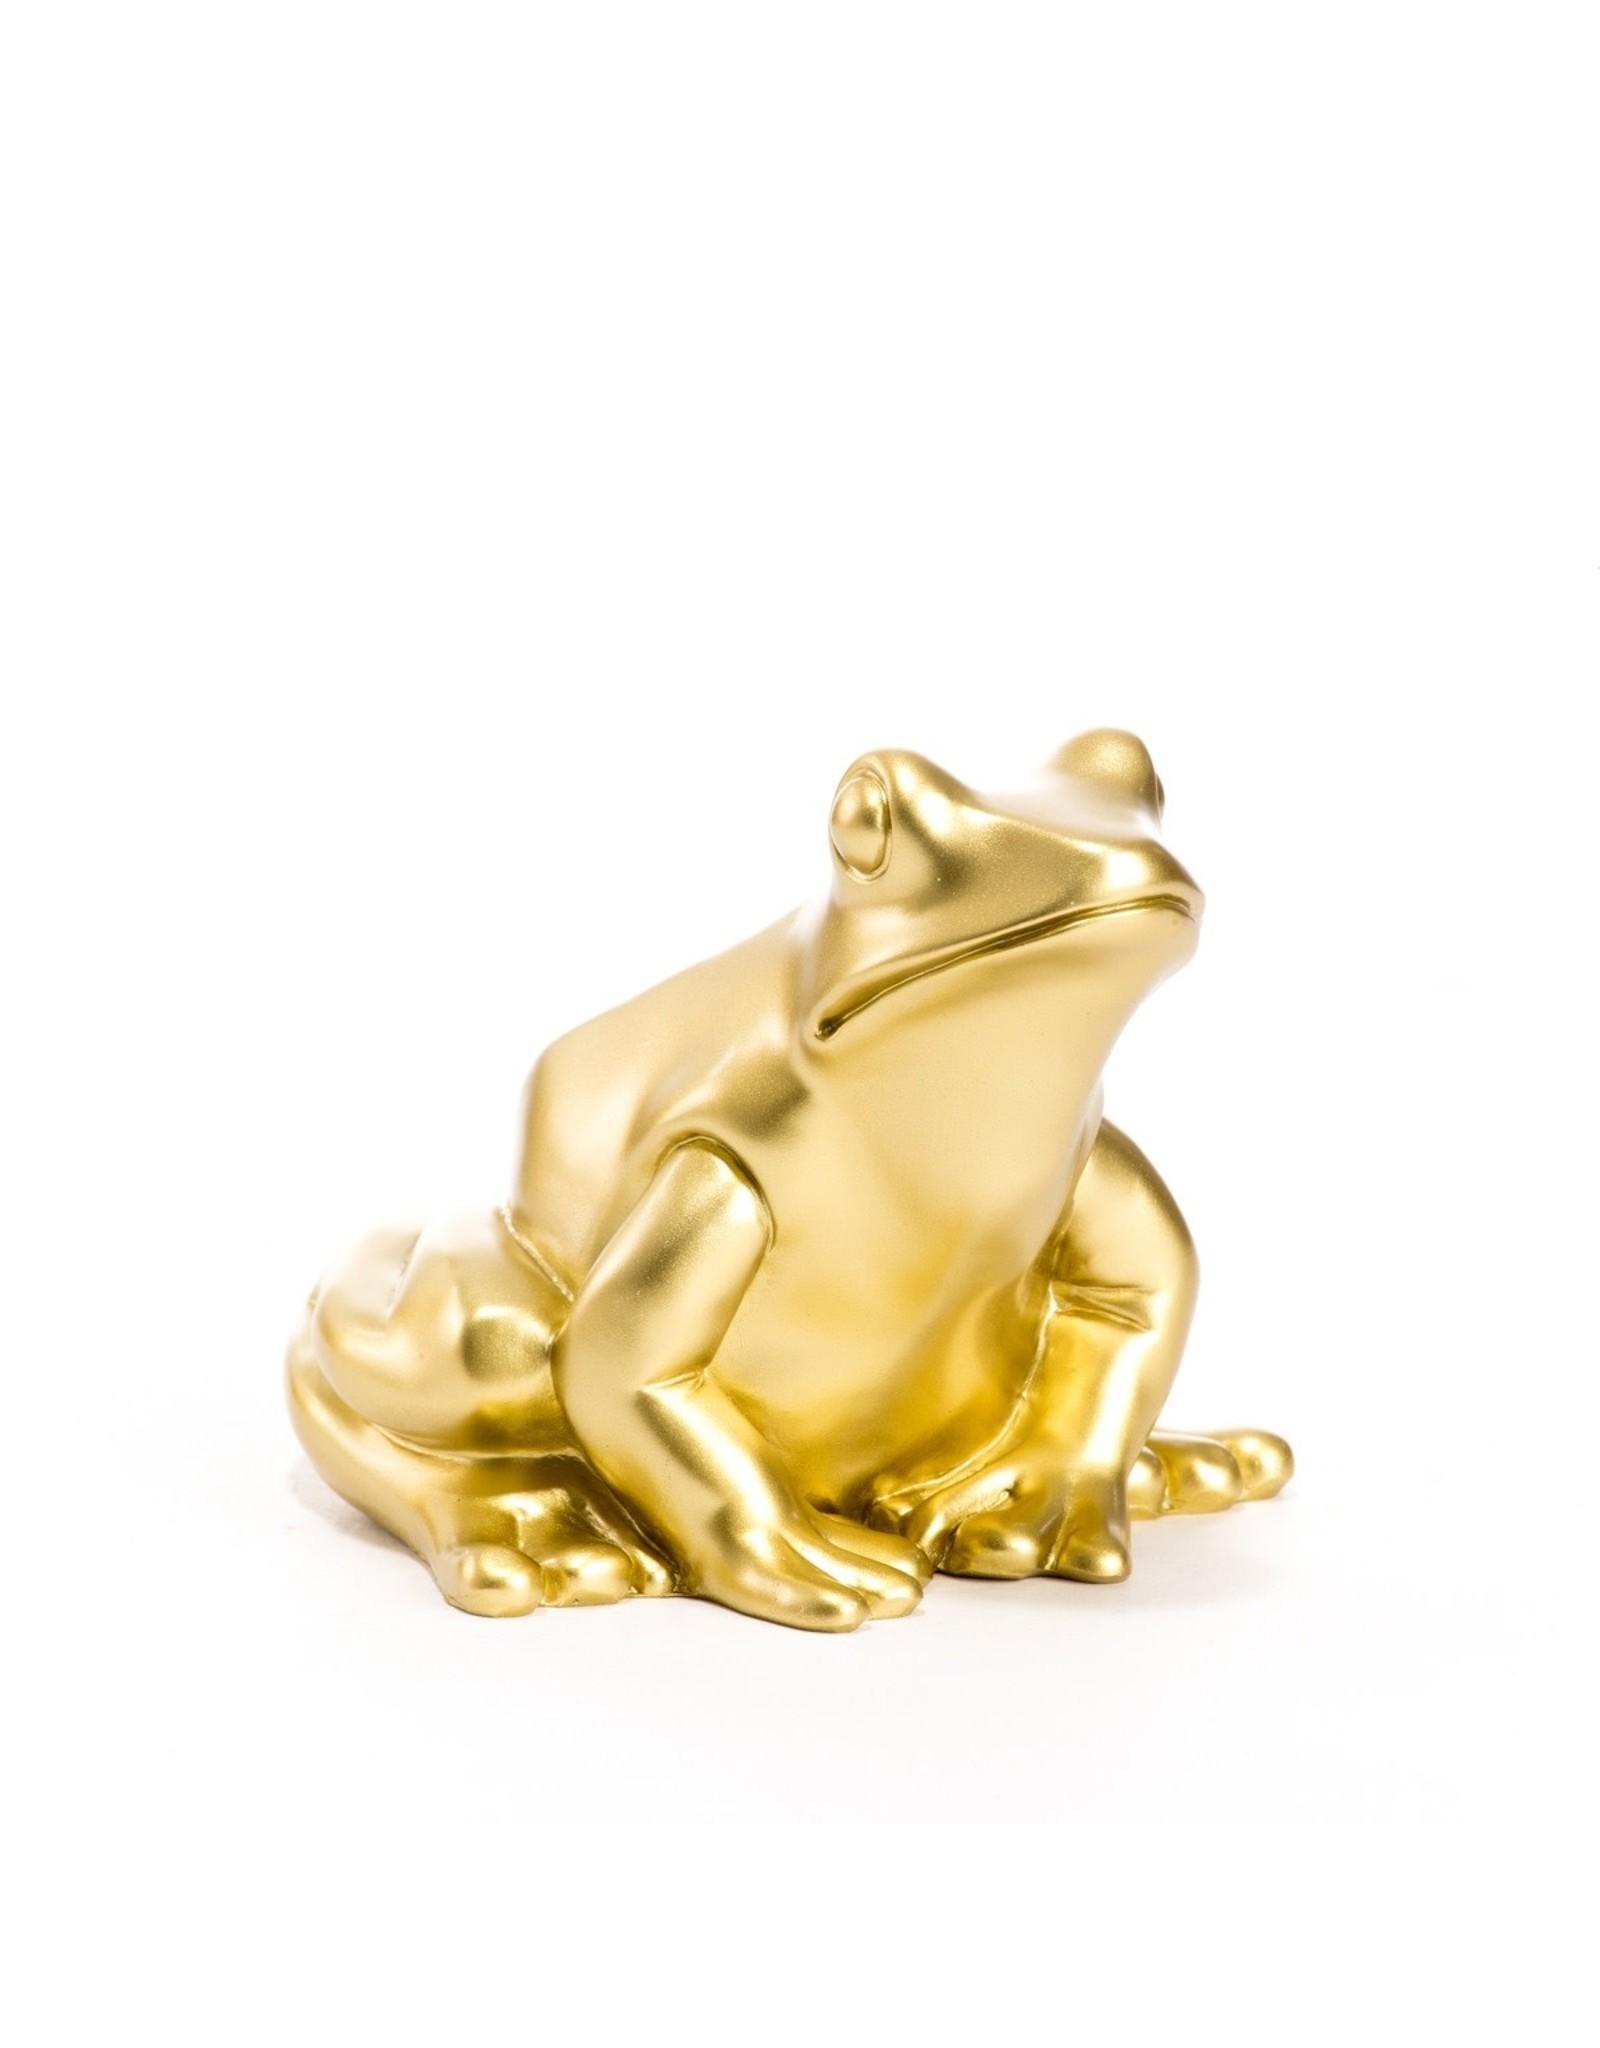 Ottmar Hörl Ottmar Hörl - Frog King kikker